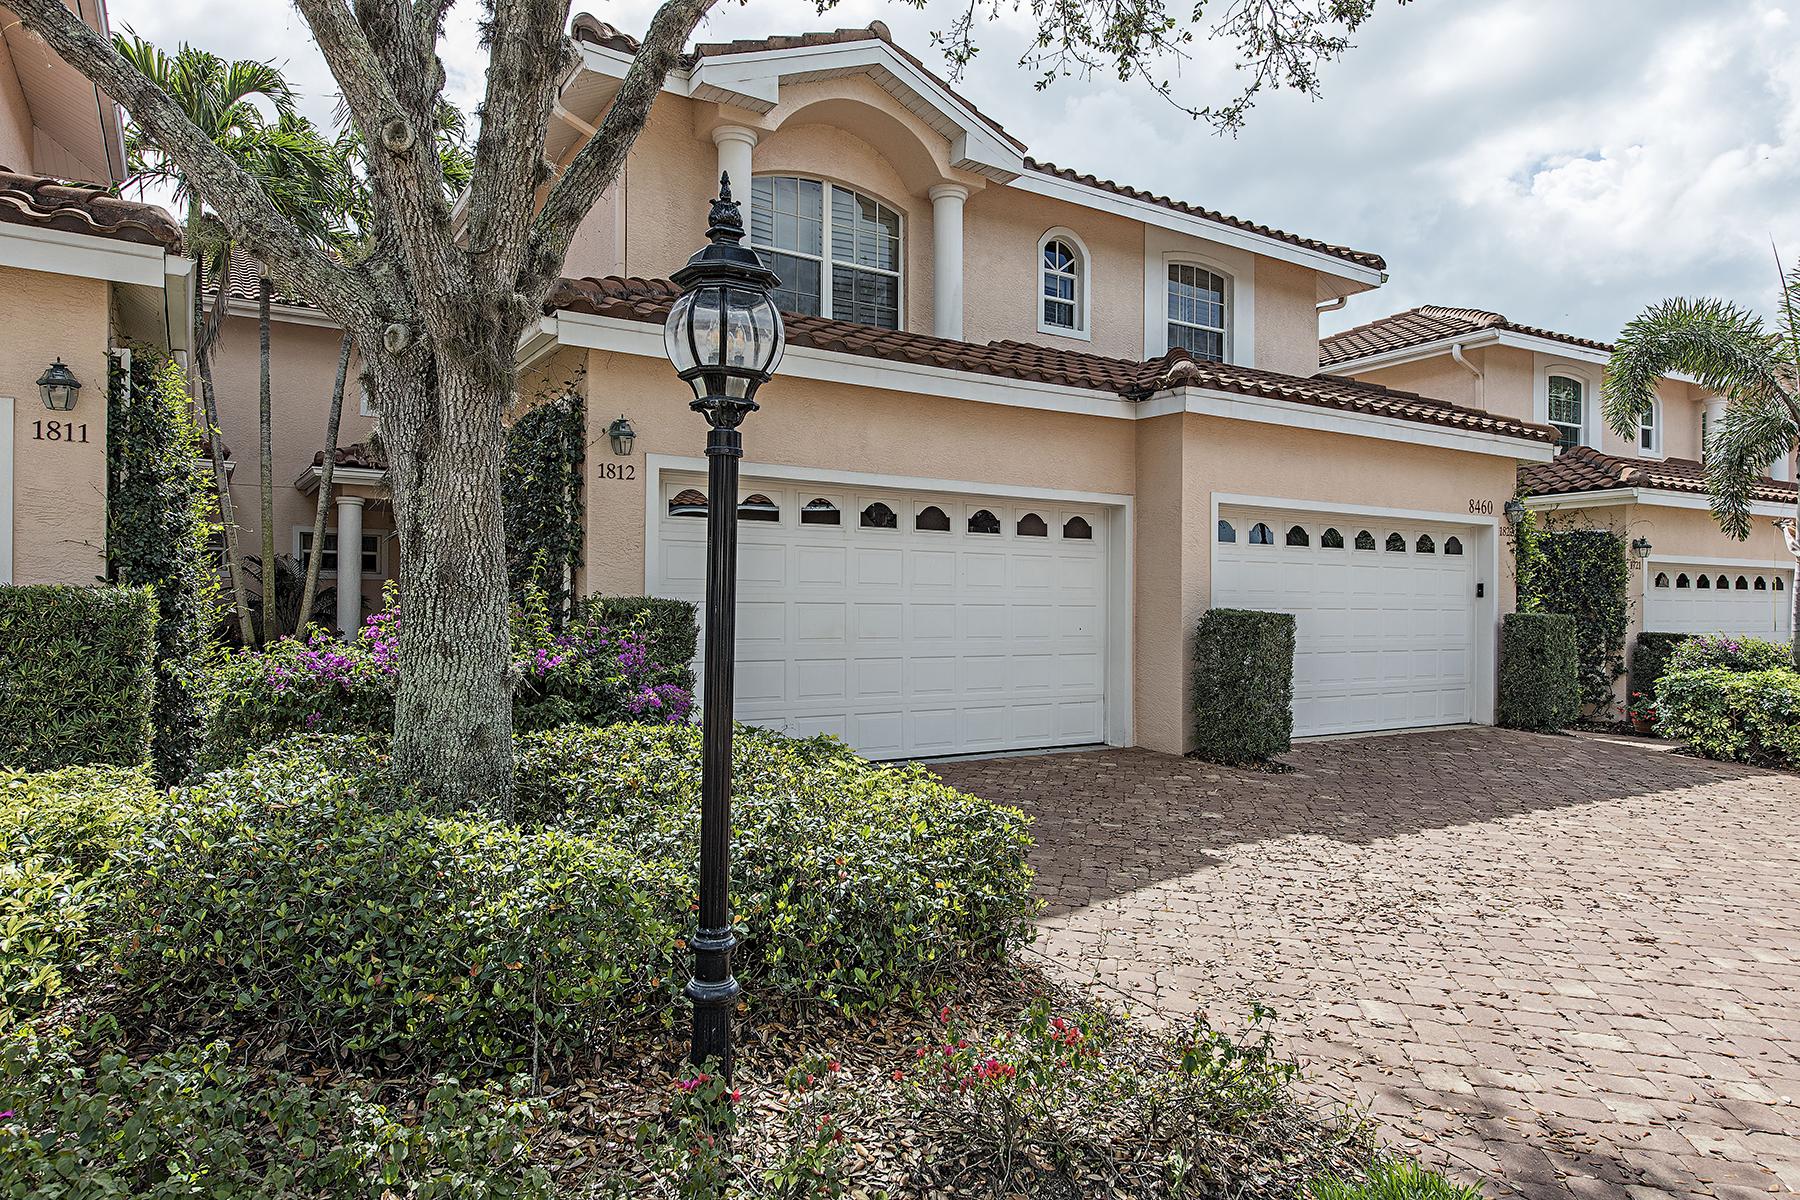 شقة بعمارة للـ Sale في PELICAN BAY - CRESCENT 8460 Abbington Cir 1812, Pelican Bay, Naples, Florida, 34108 United States